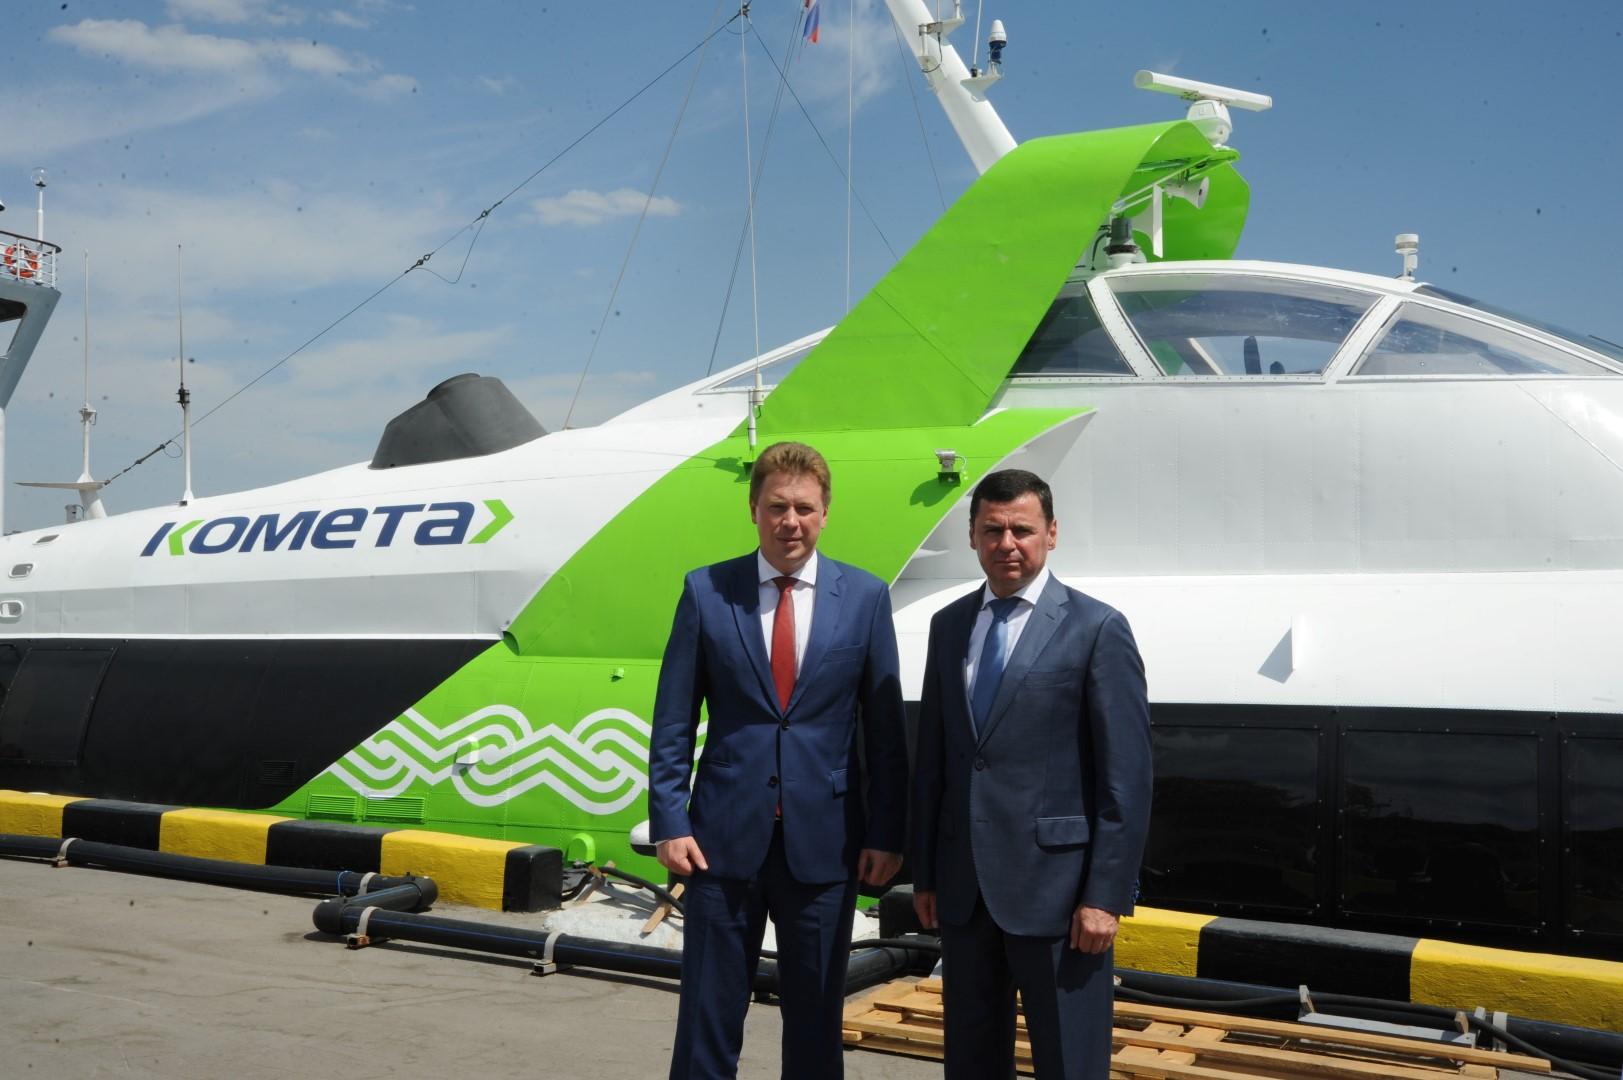 Дмитрий Миронов побывал на рыбинской «Комете» в Севастополе